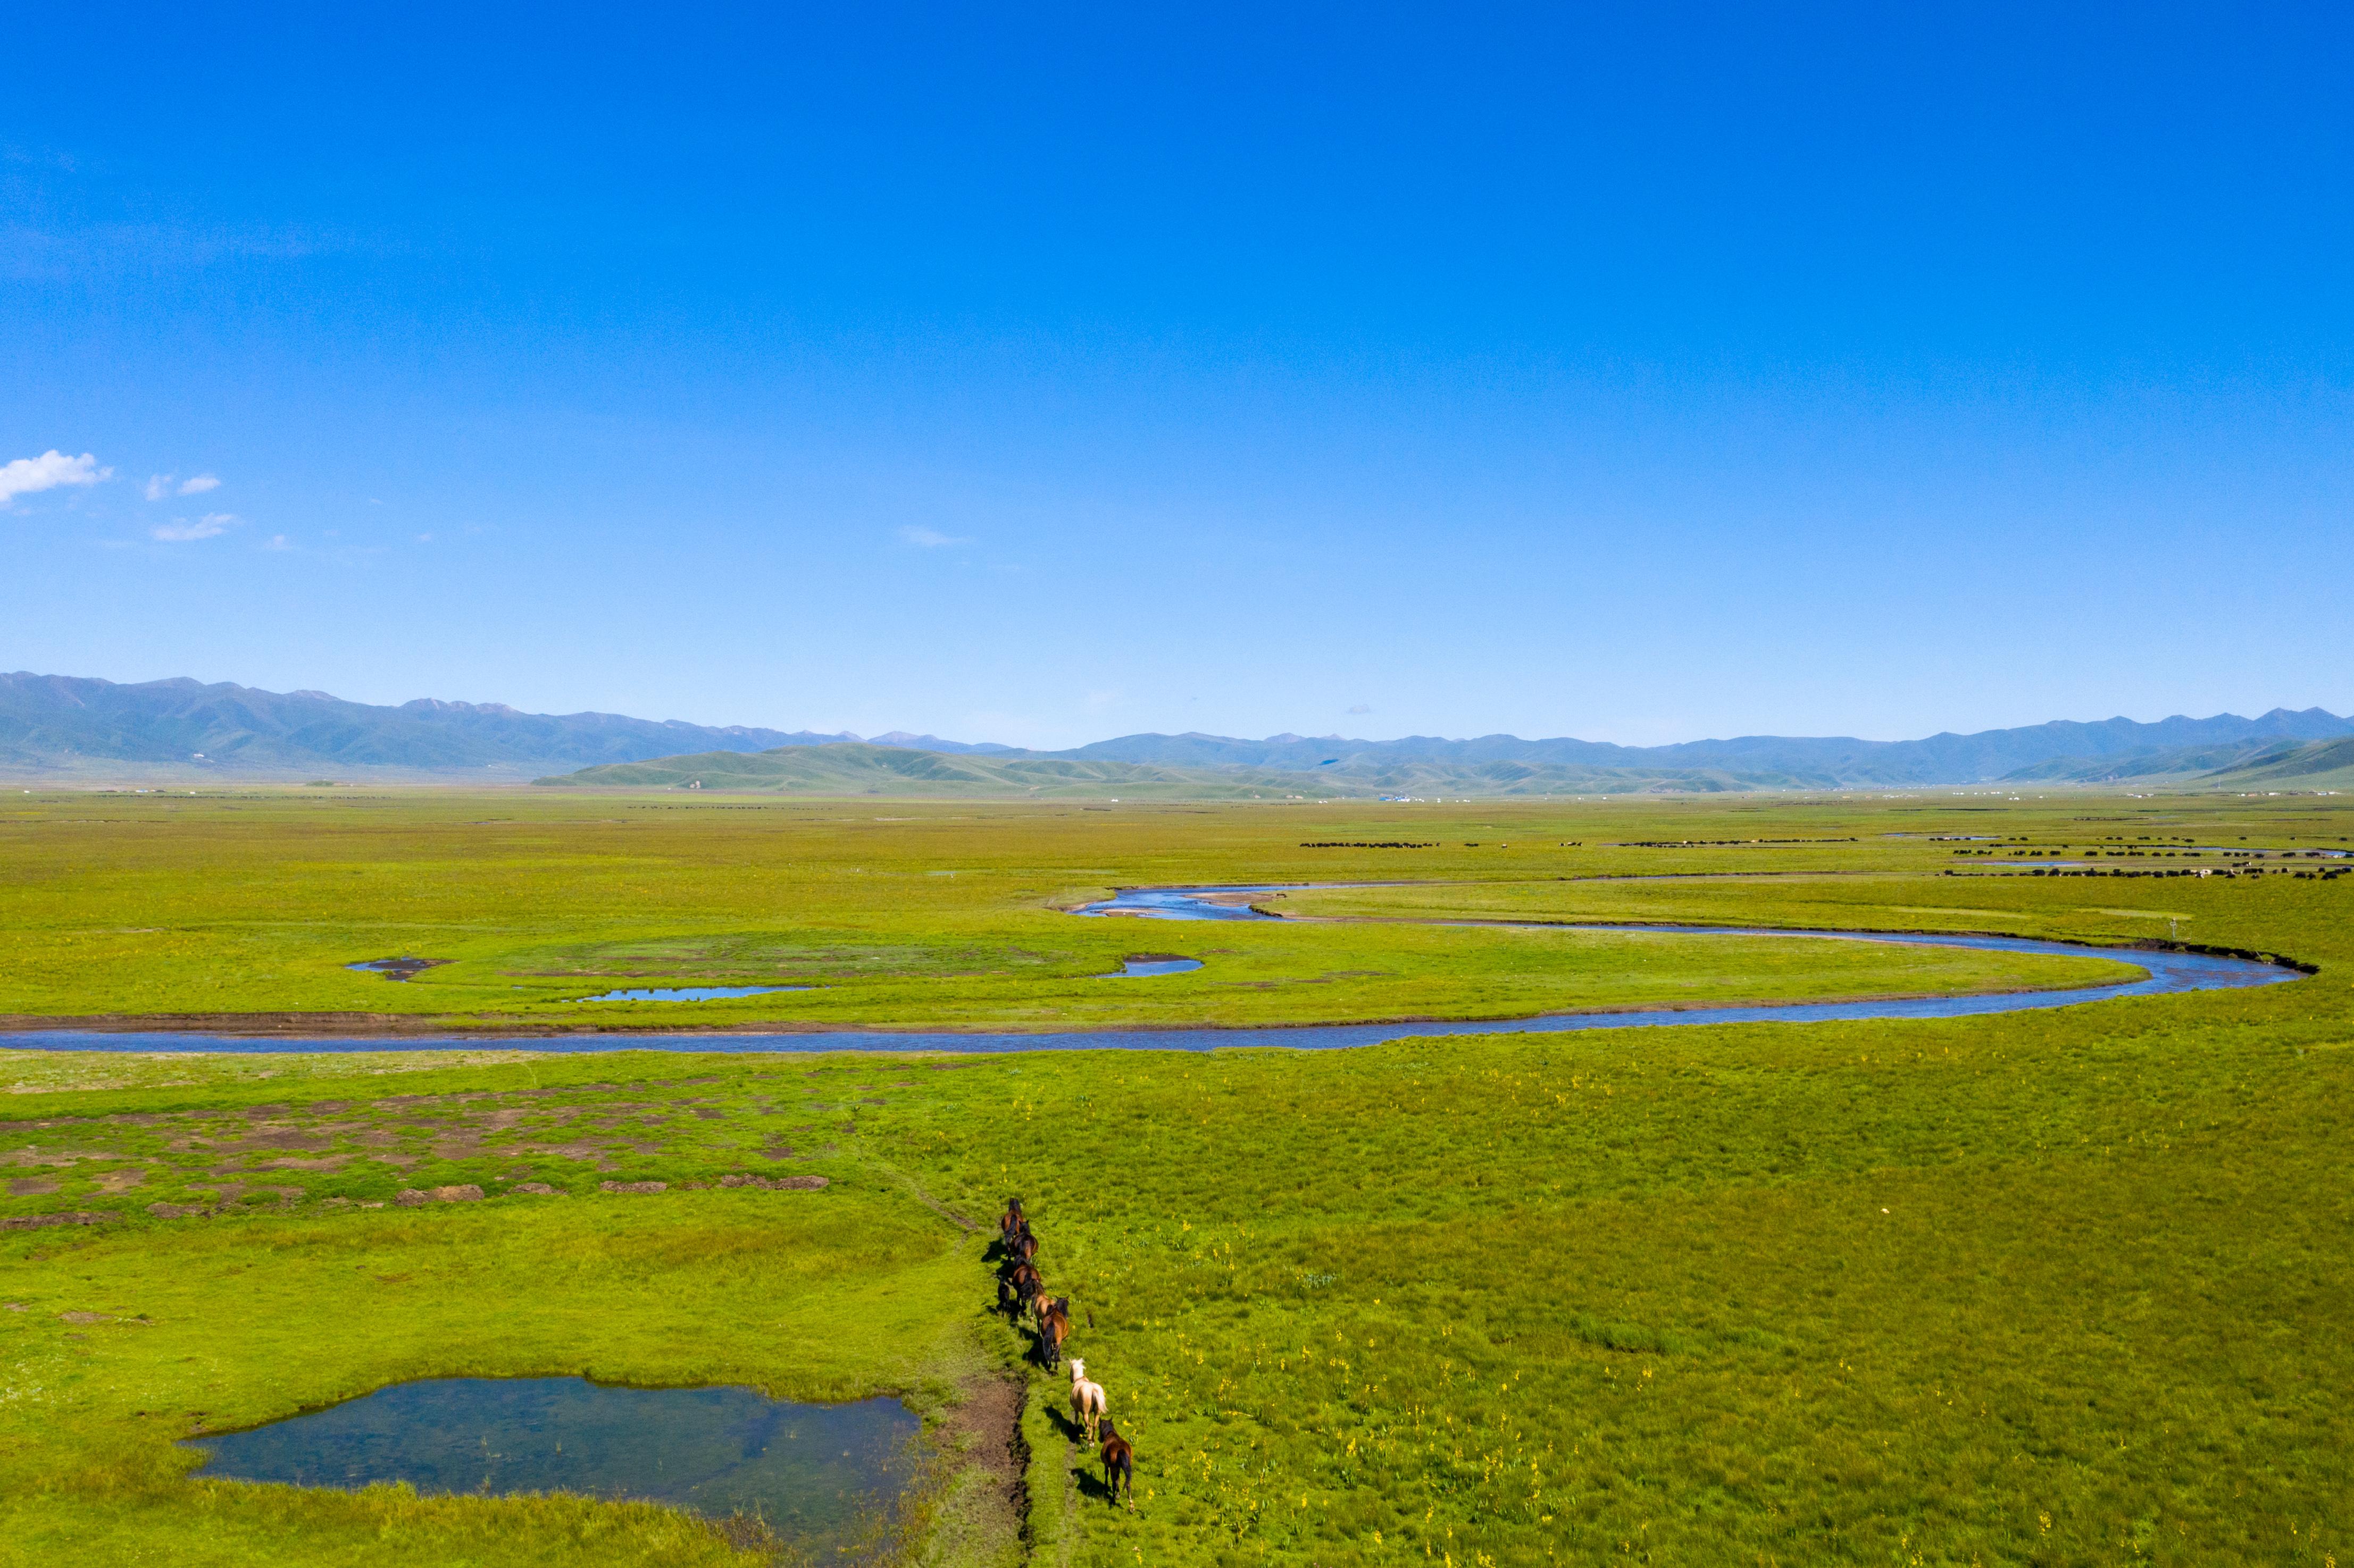 旅人的梦里,是鳞文雷篆的阿万仓草原